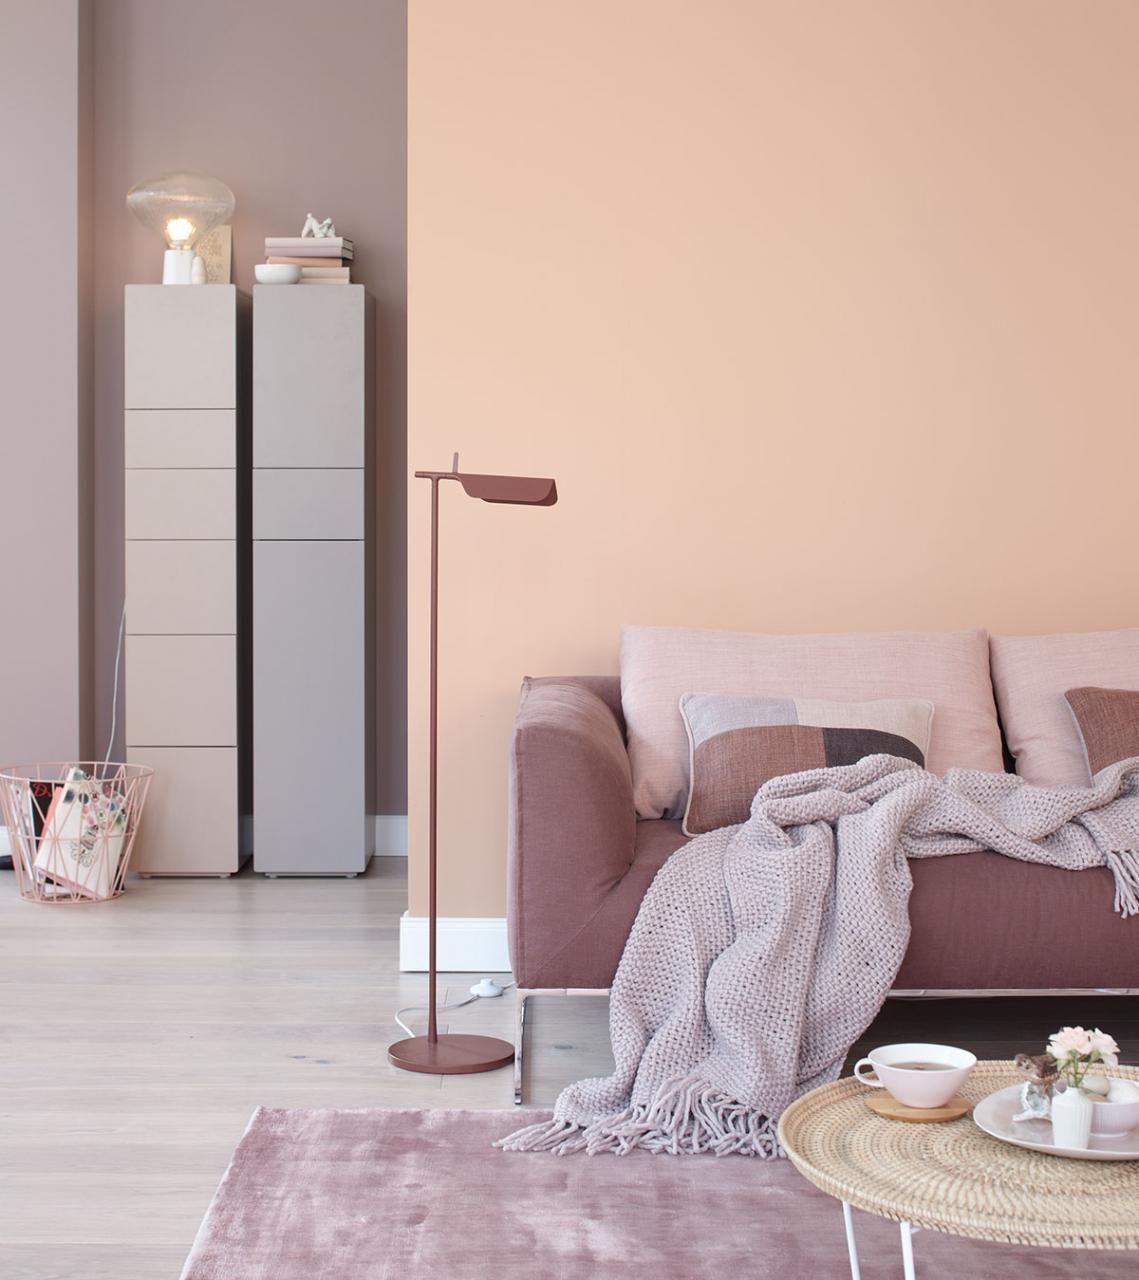 Pastellfarben   Möbel, Accessoires Und Wandfarben Für Das Wohnen In Pastell